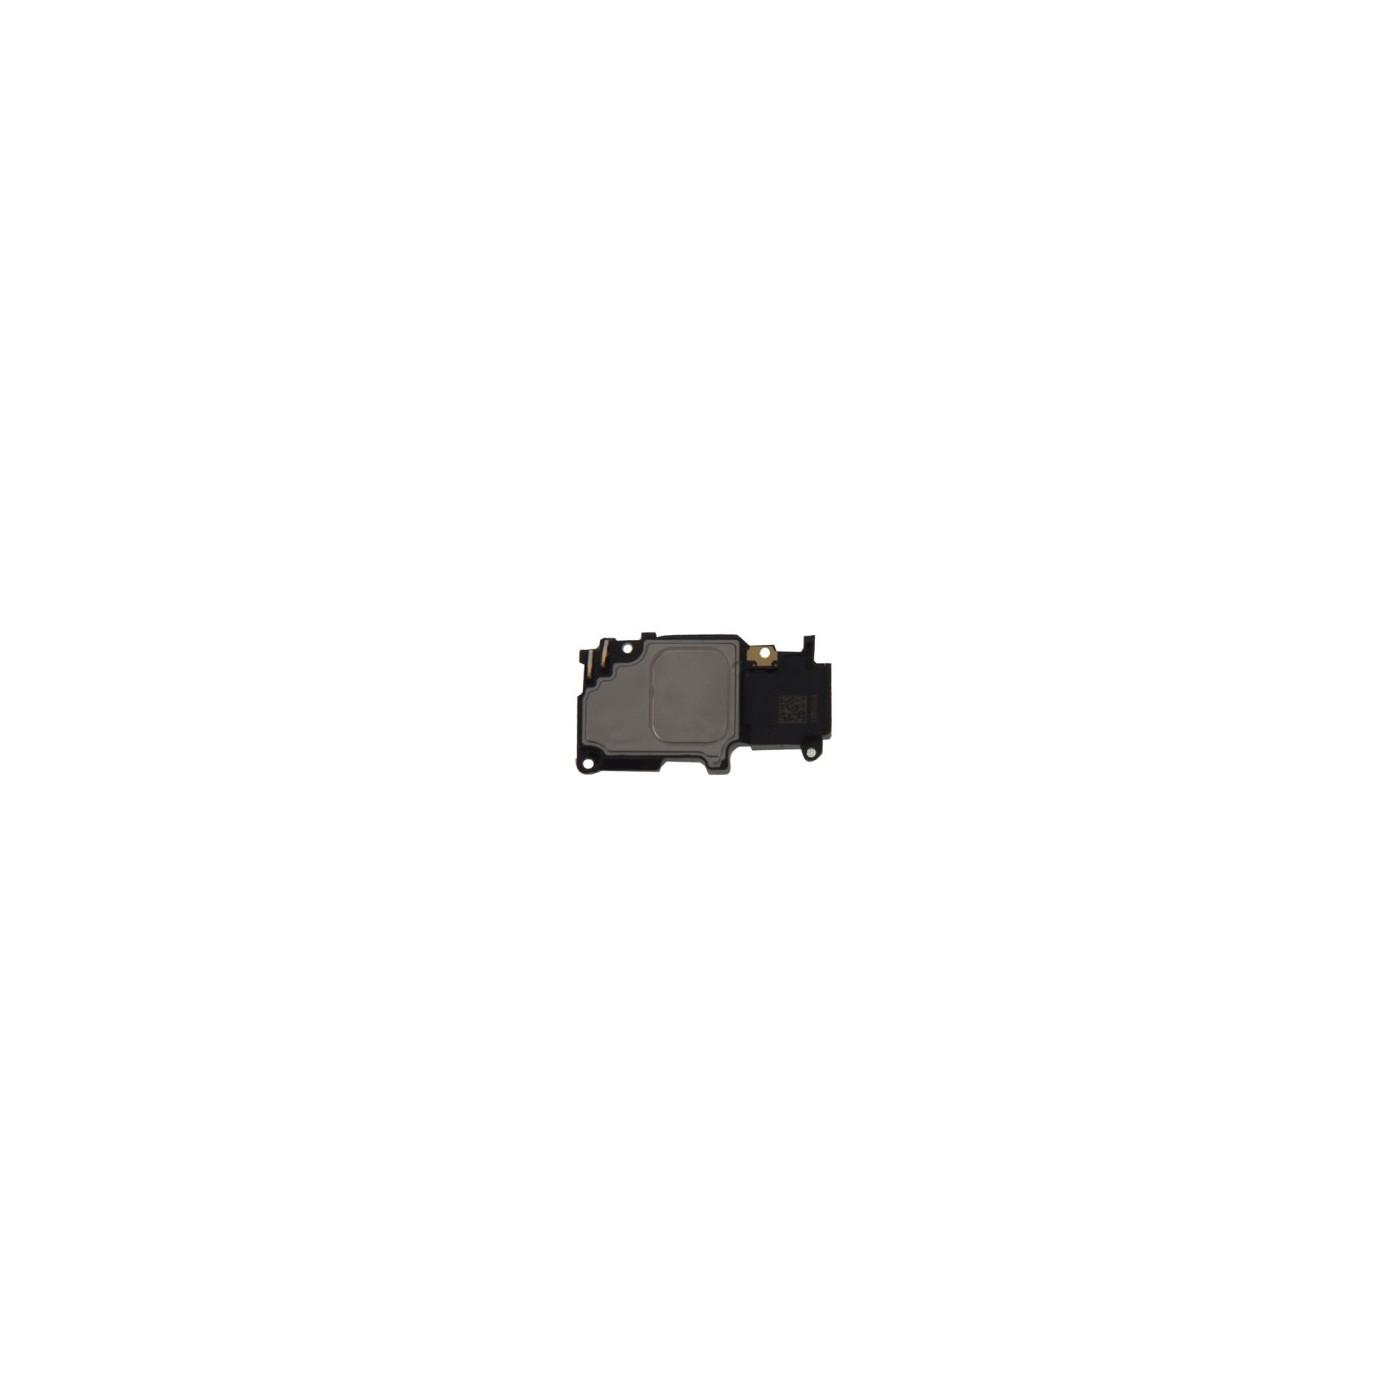 Loud speaker buzzer ricambio casse altoparlante inferiore per Iphone 6s